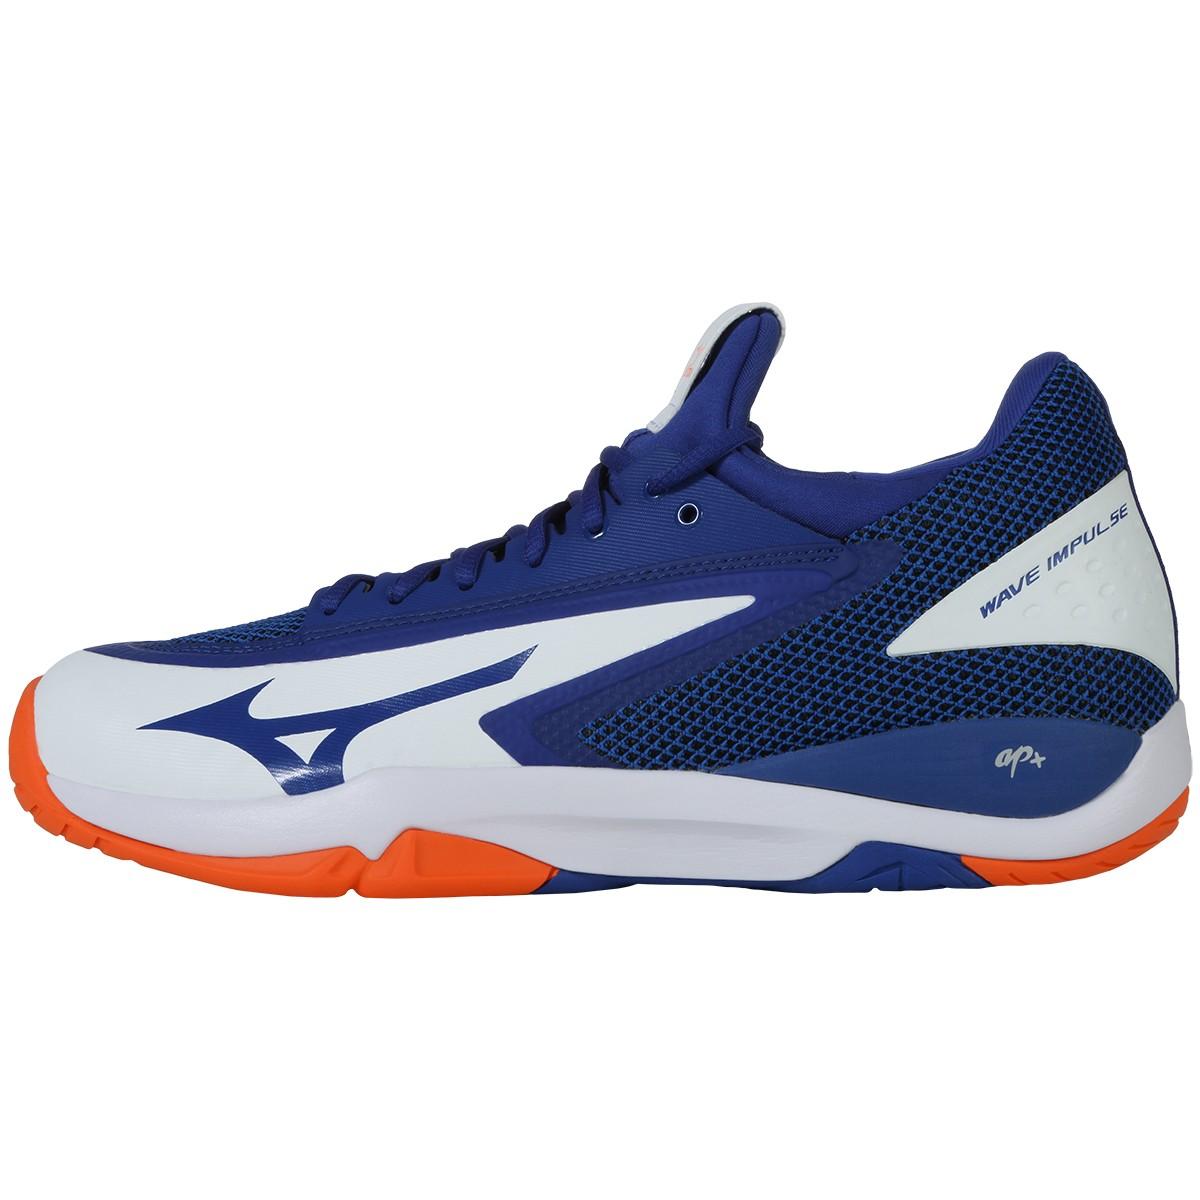 best sneakers 5b1eb bbd25 SCARPE MIZUNO WAVE IMPULSE TUTTE LE SUPERFICI - MIZUNO ...